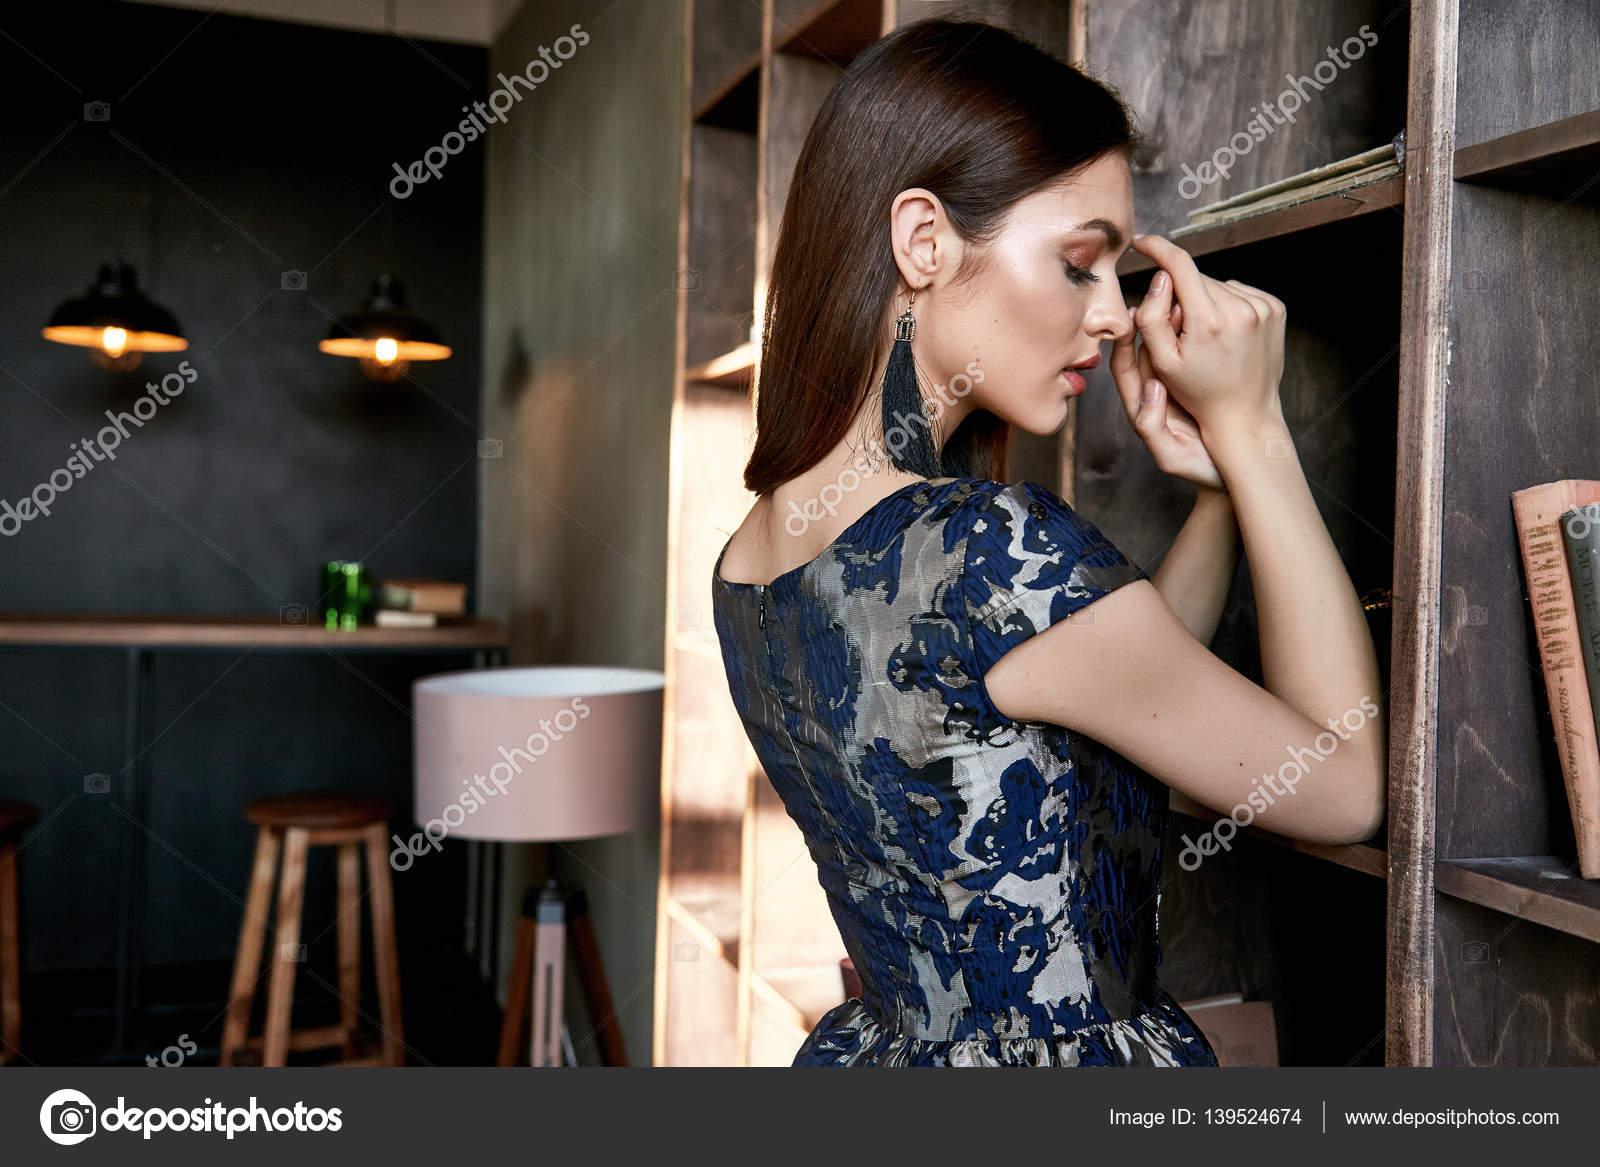 c9fdd6b2ca7c Abiti donna perfetta signora chic vogue brunetta capelli moda modello  glamour posa usura Abito in seta stile festino informale biblioteca bella  trucco ...